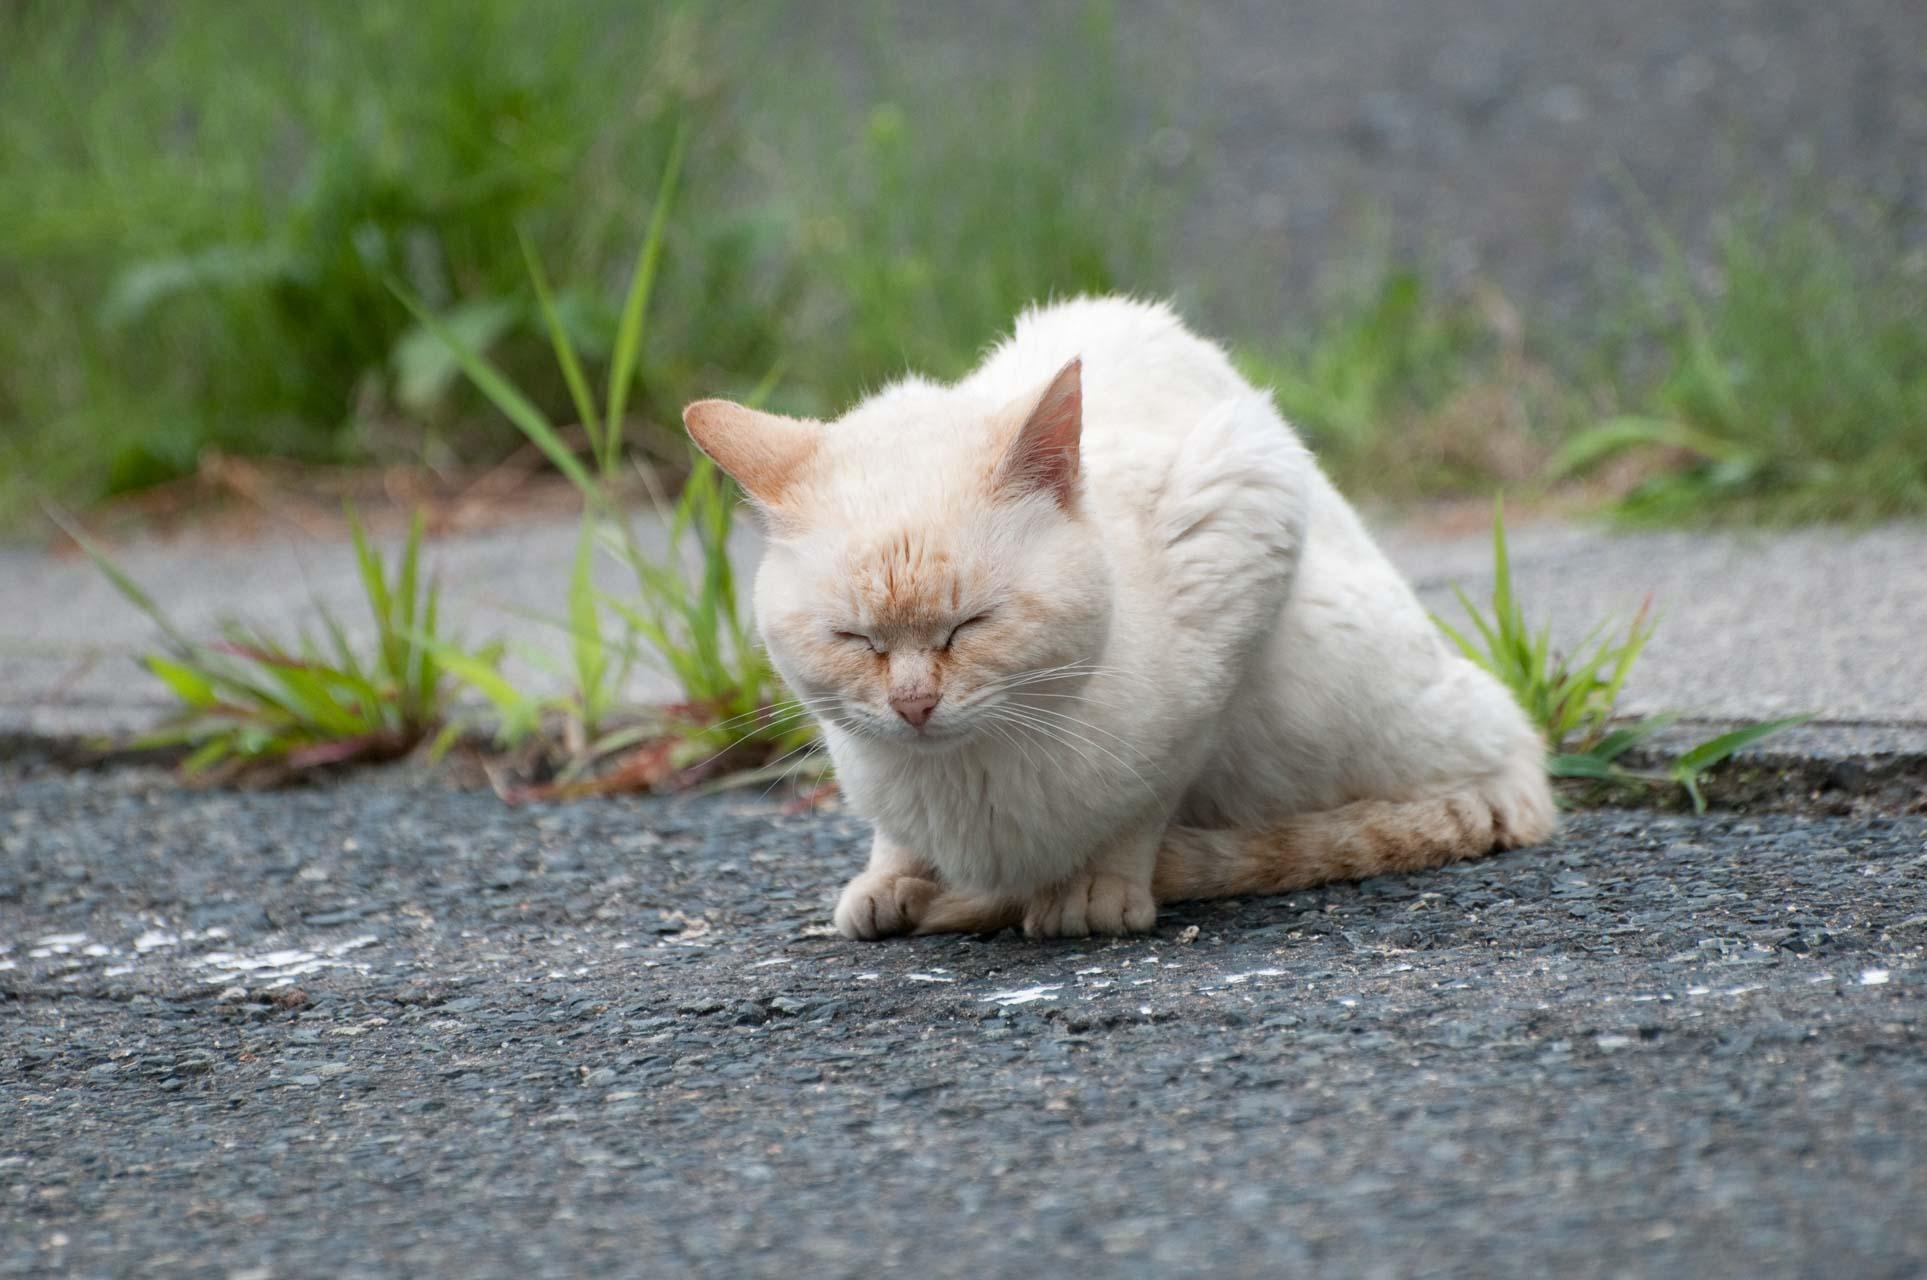 Sic cat